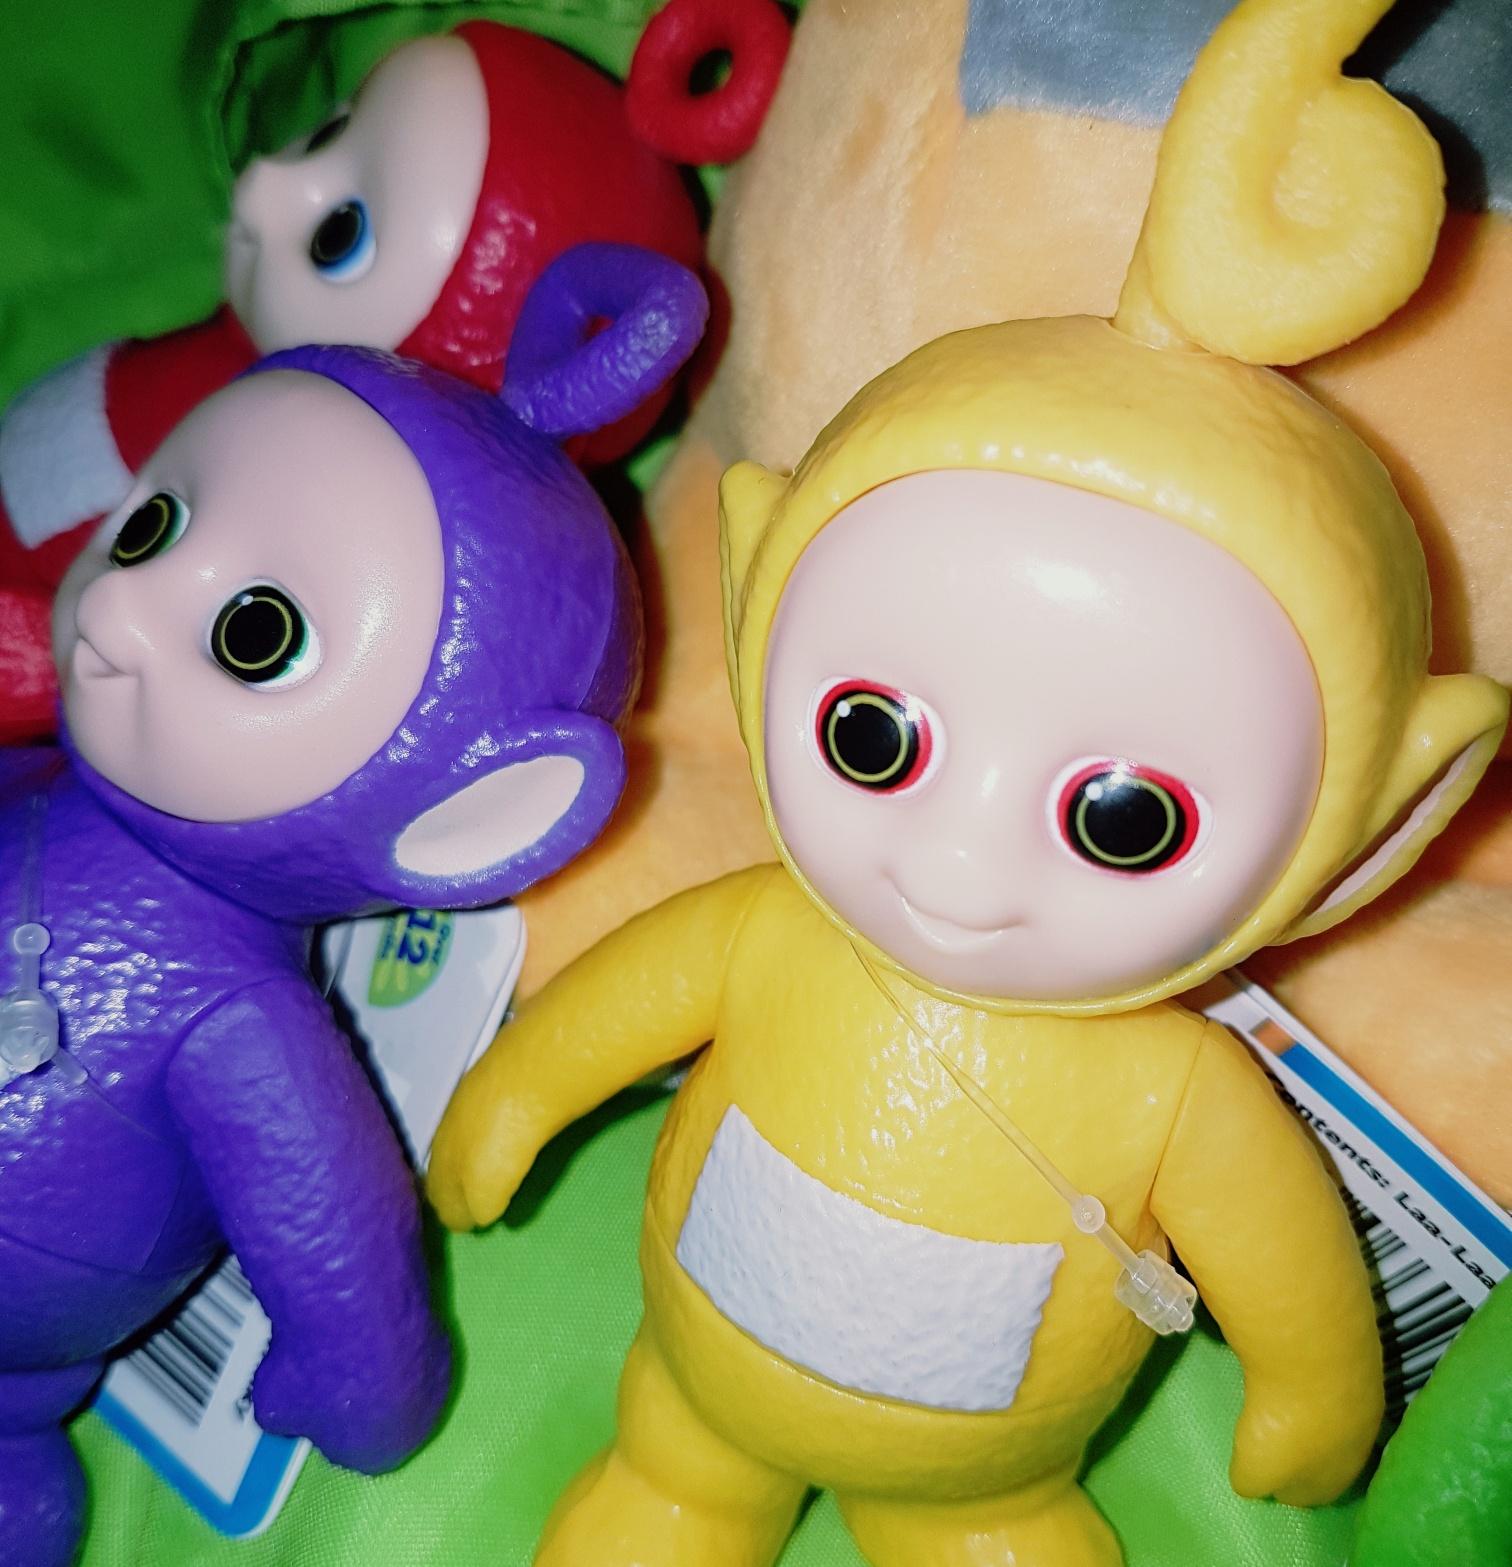 Teletubby toys